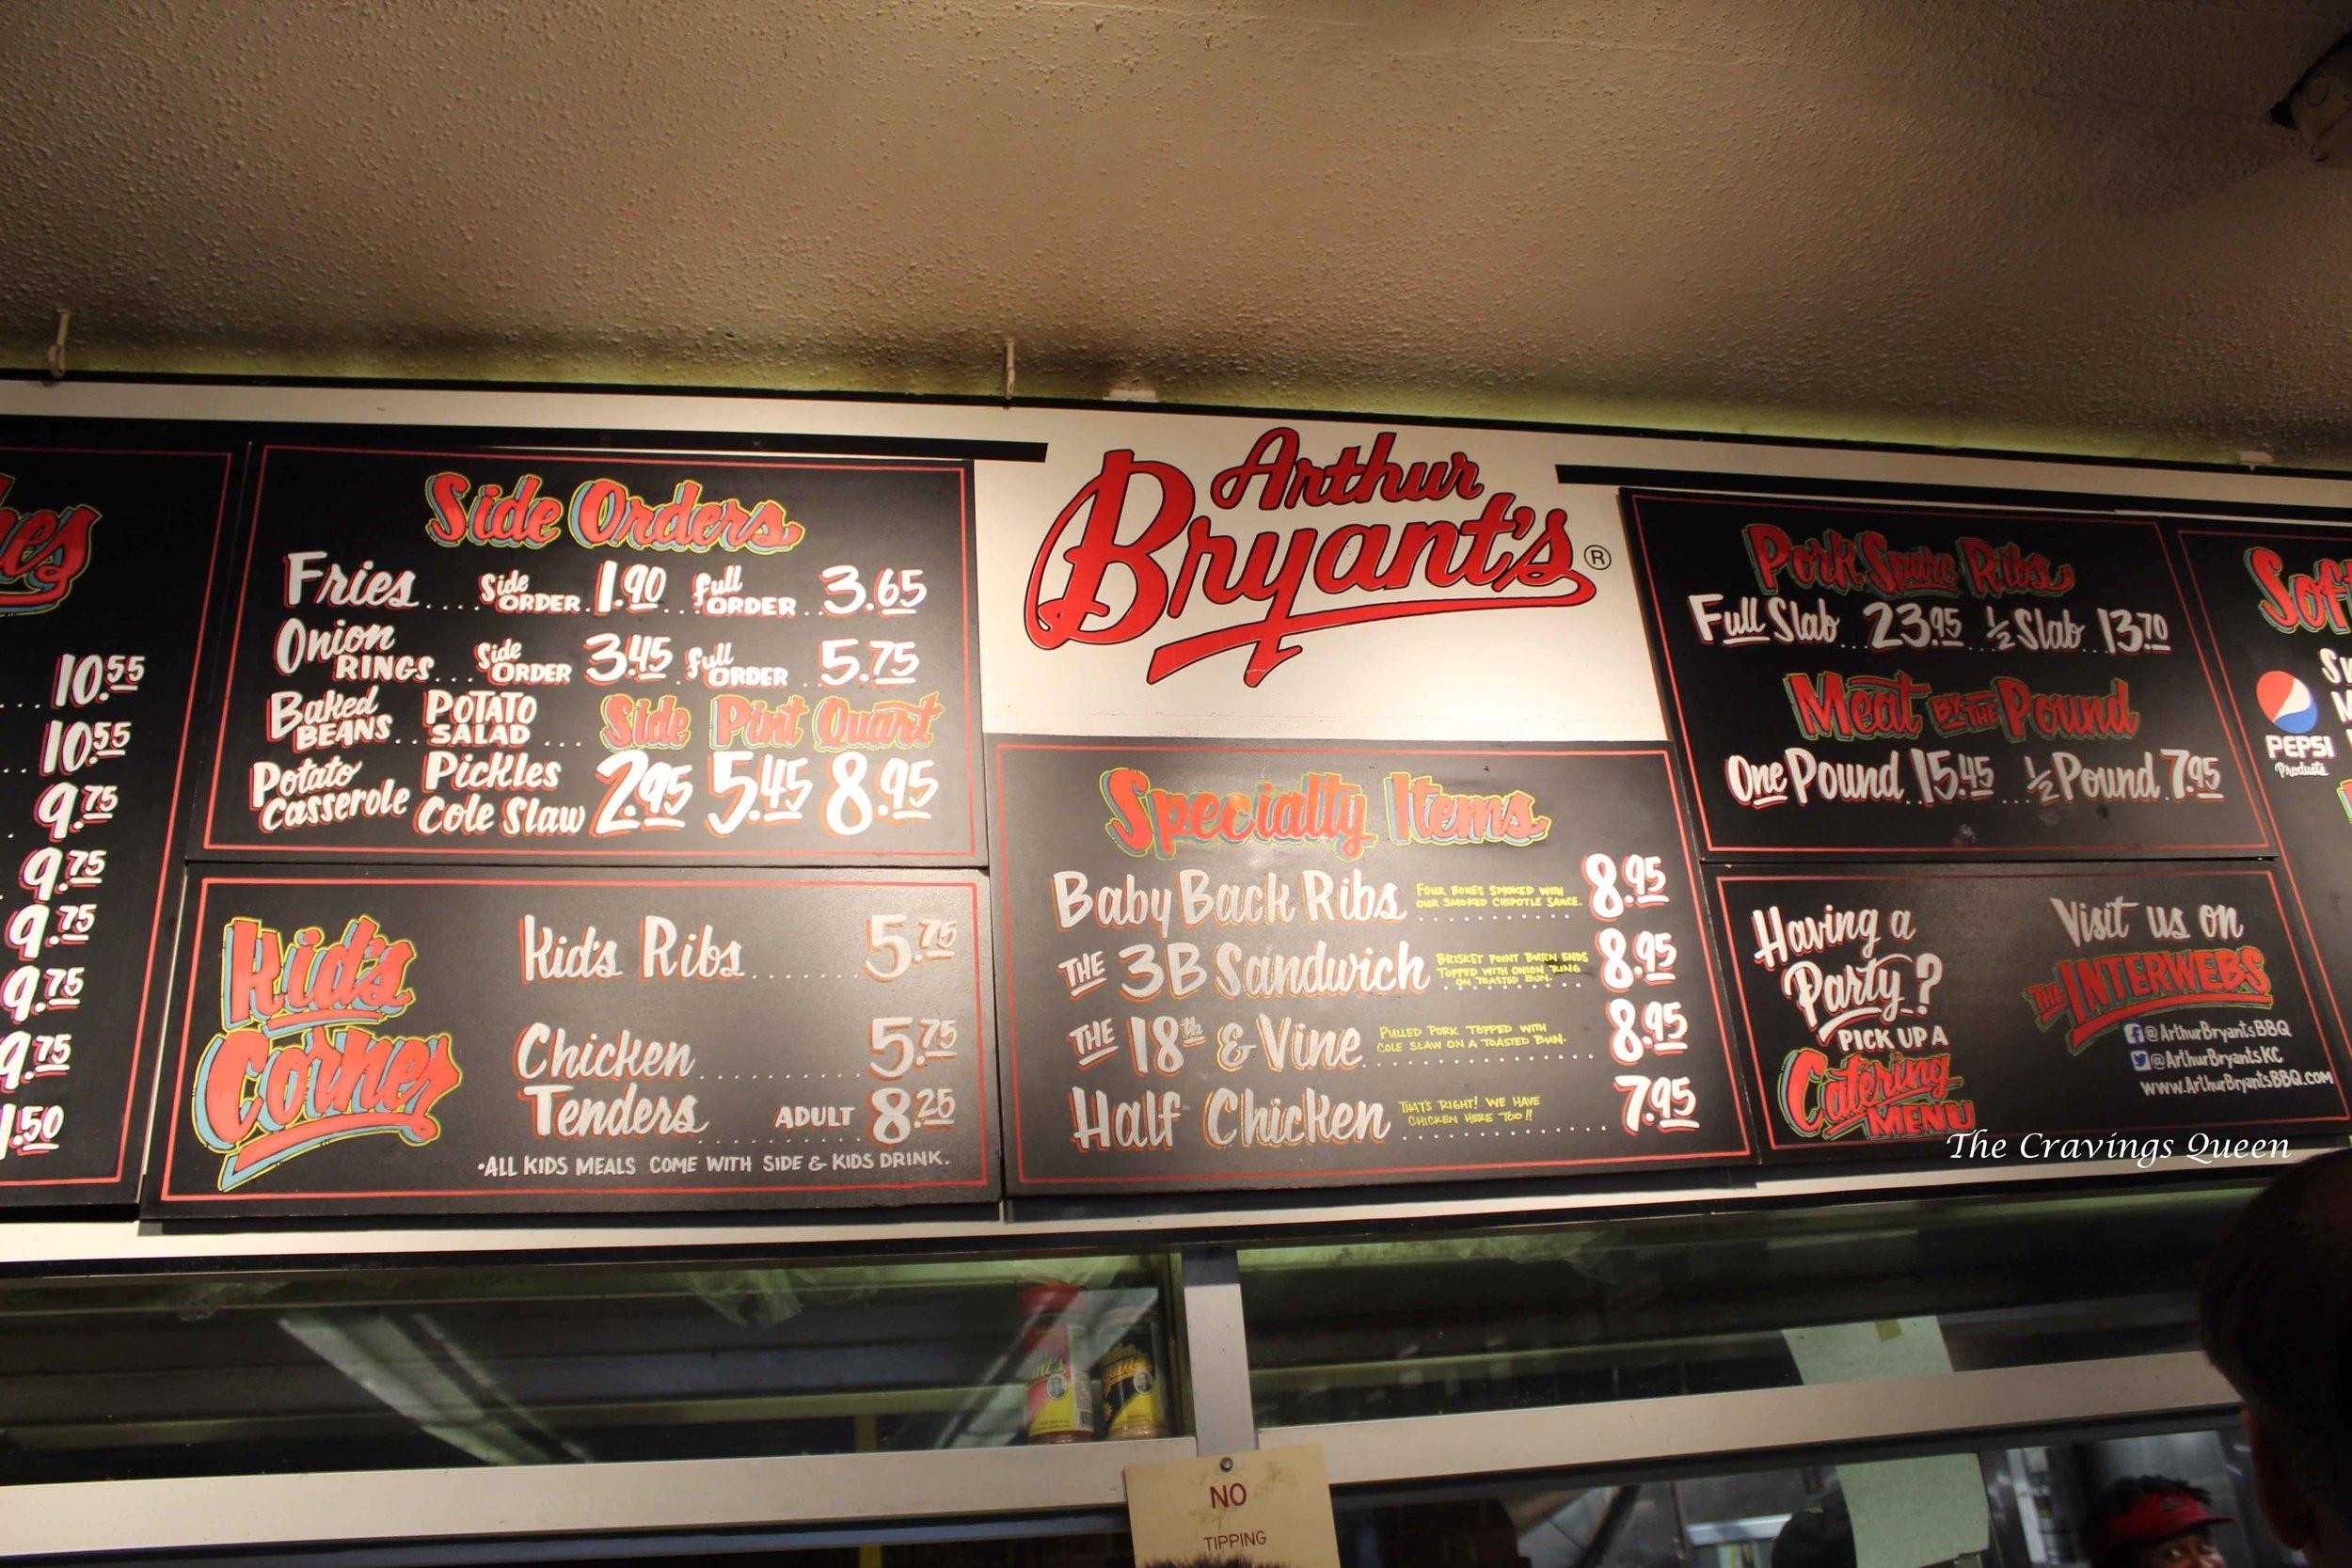 Arthur-Bryants-menu-2.jpg